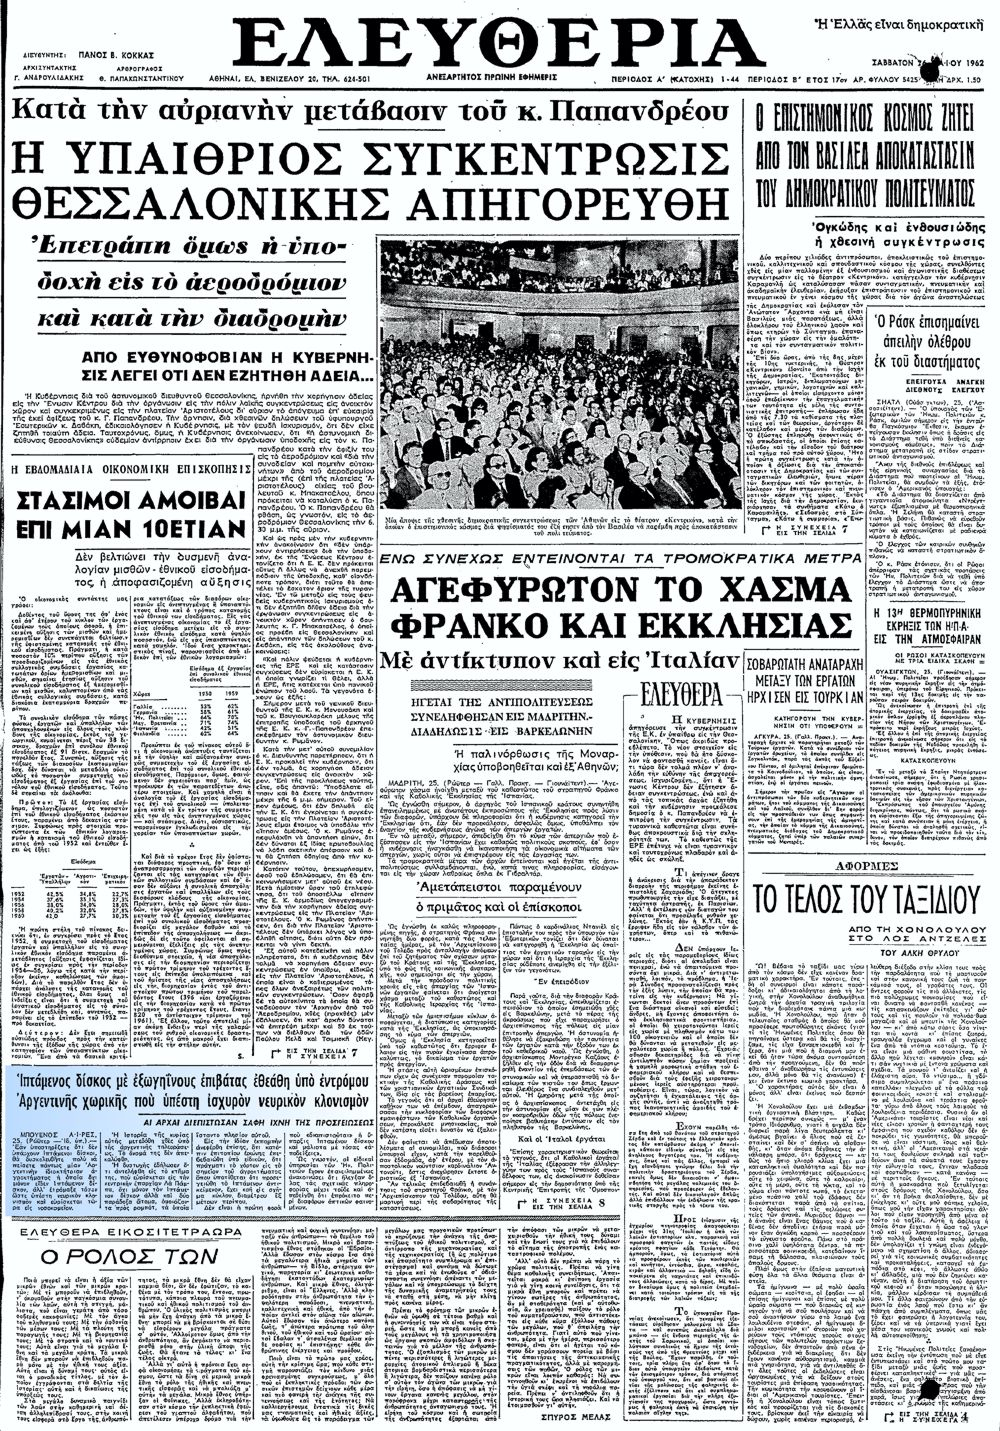 """Το άρθρο, όπως δημοσιεύθηκε στην εφημερίδα """"ΕΛΕΥΘΕΡΙΑ"""", στις 26/05/1962"""